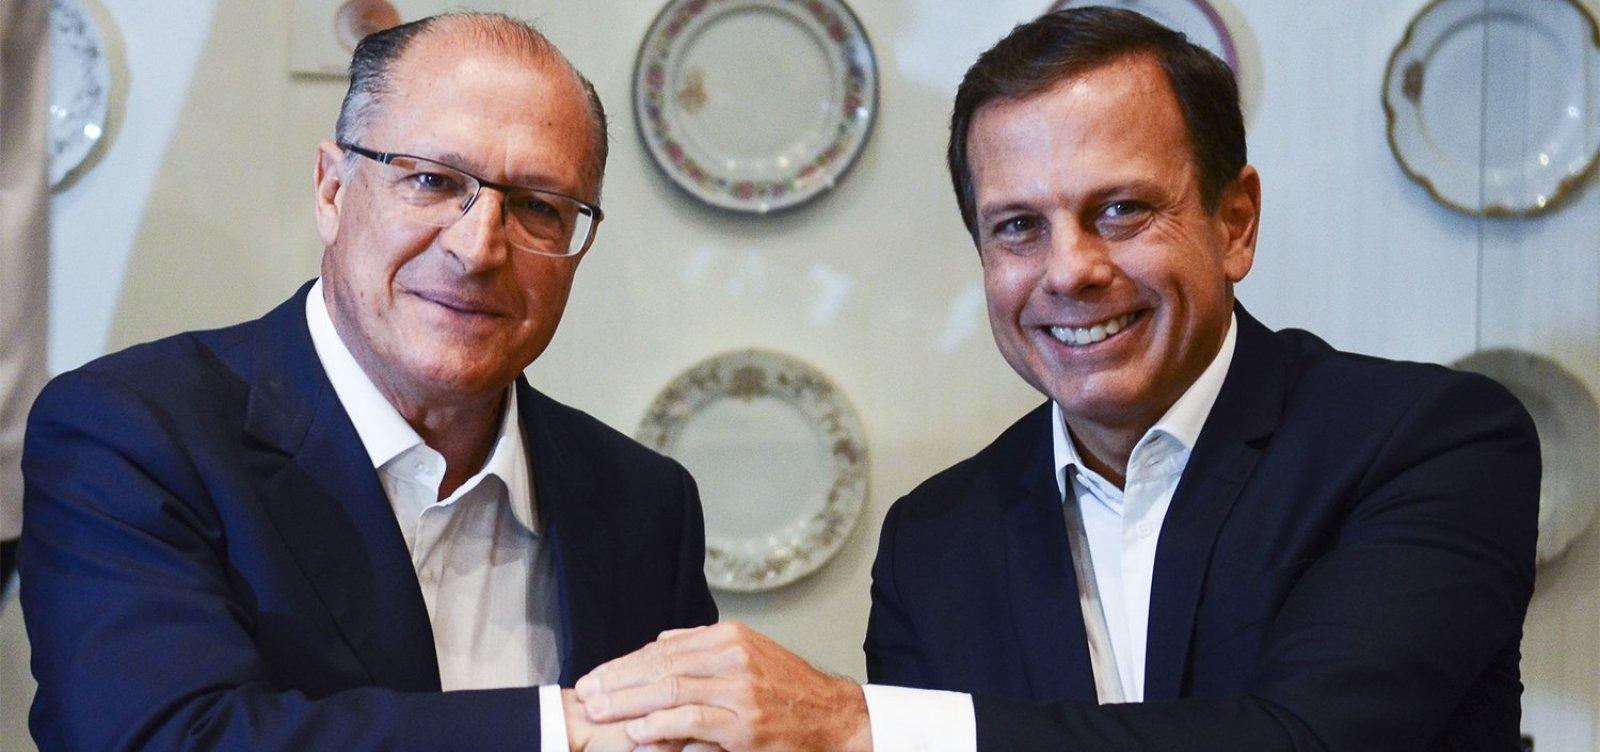 [Em reunião do PSDB, Alckmin insinua que Doria é traidor e covarde]